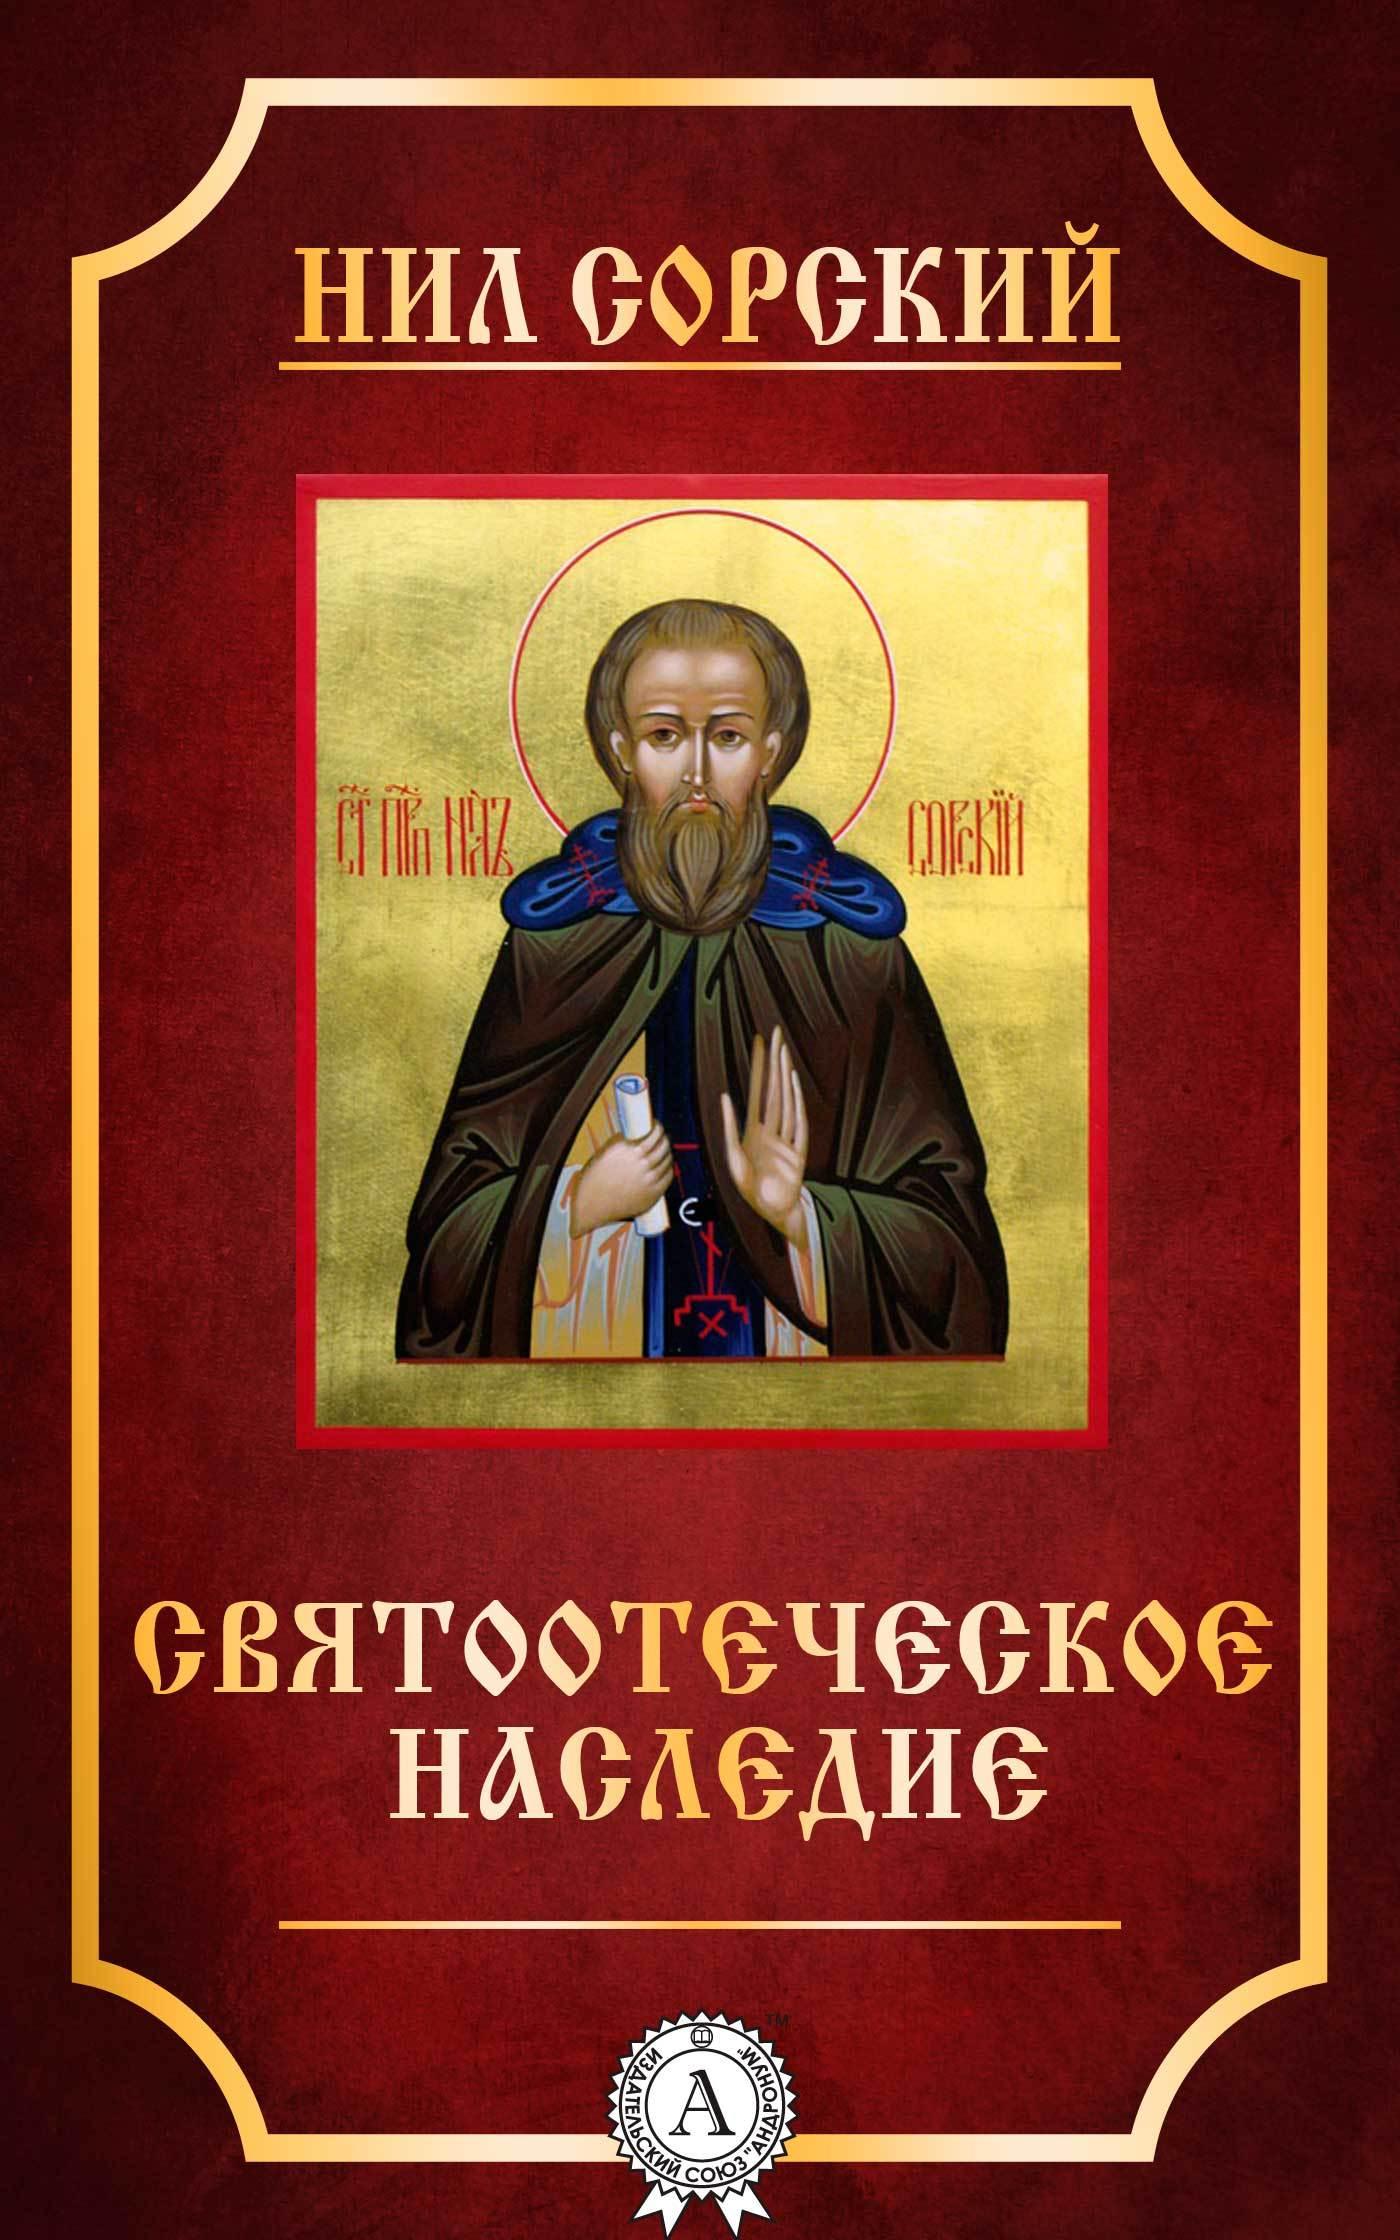 Святоотеческое наследие случается быстро и настойчиво